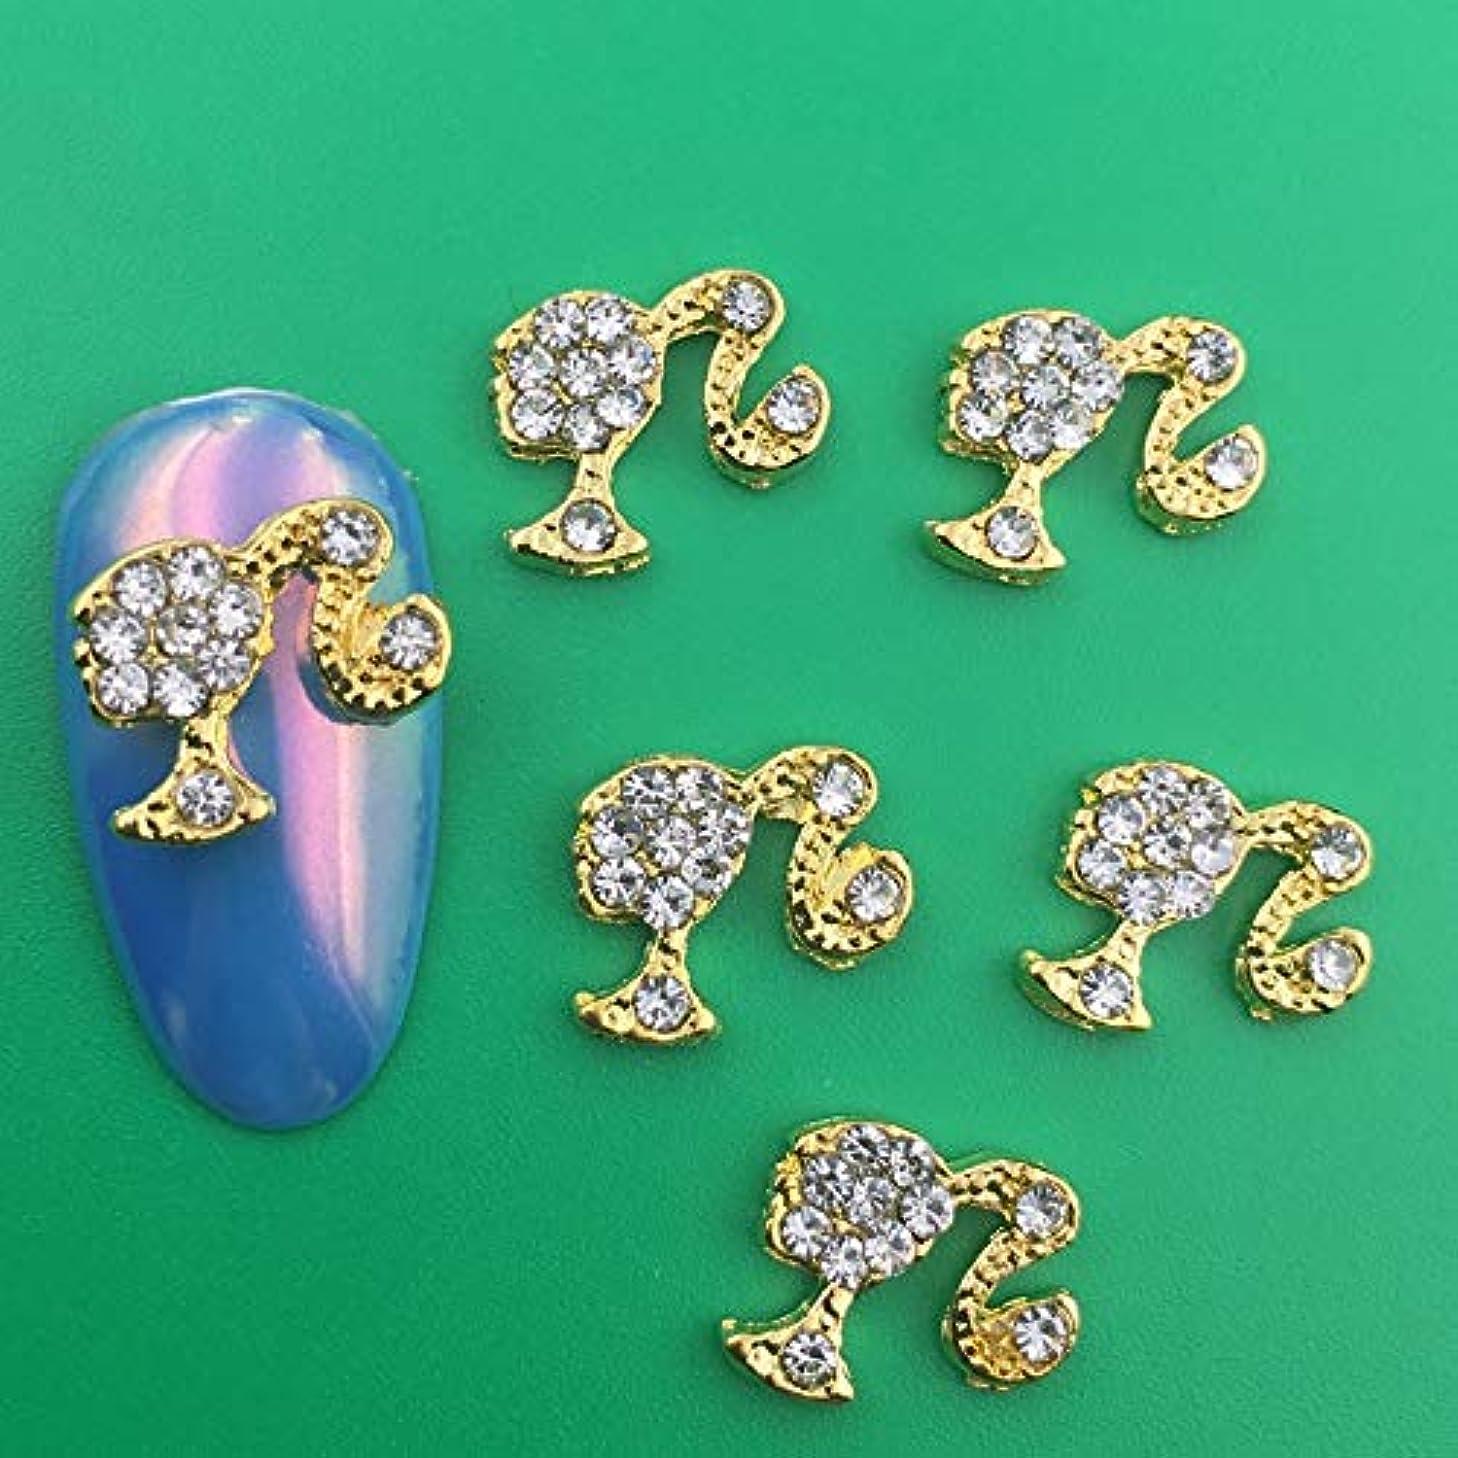 強調する落胆した送金10 PCS /バッグクリアラインストーンの釘の芸術の装飾美しい女の子ネイルDIY宝石3D合金ネイルダイヤモンドチャームサプライ,金